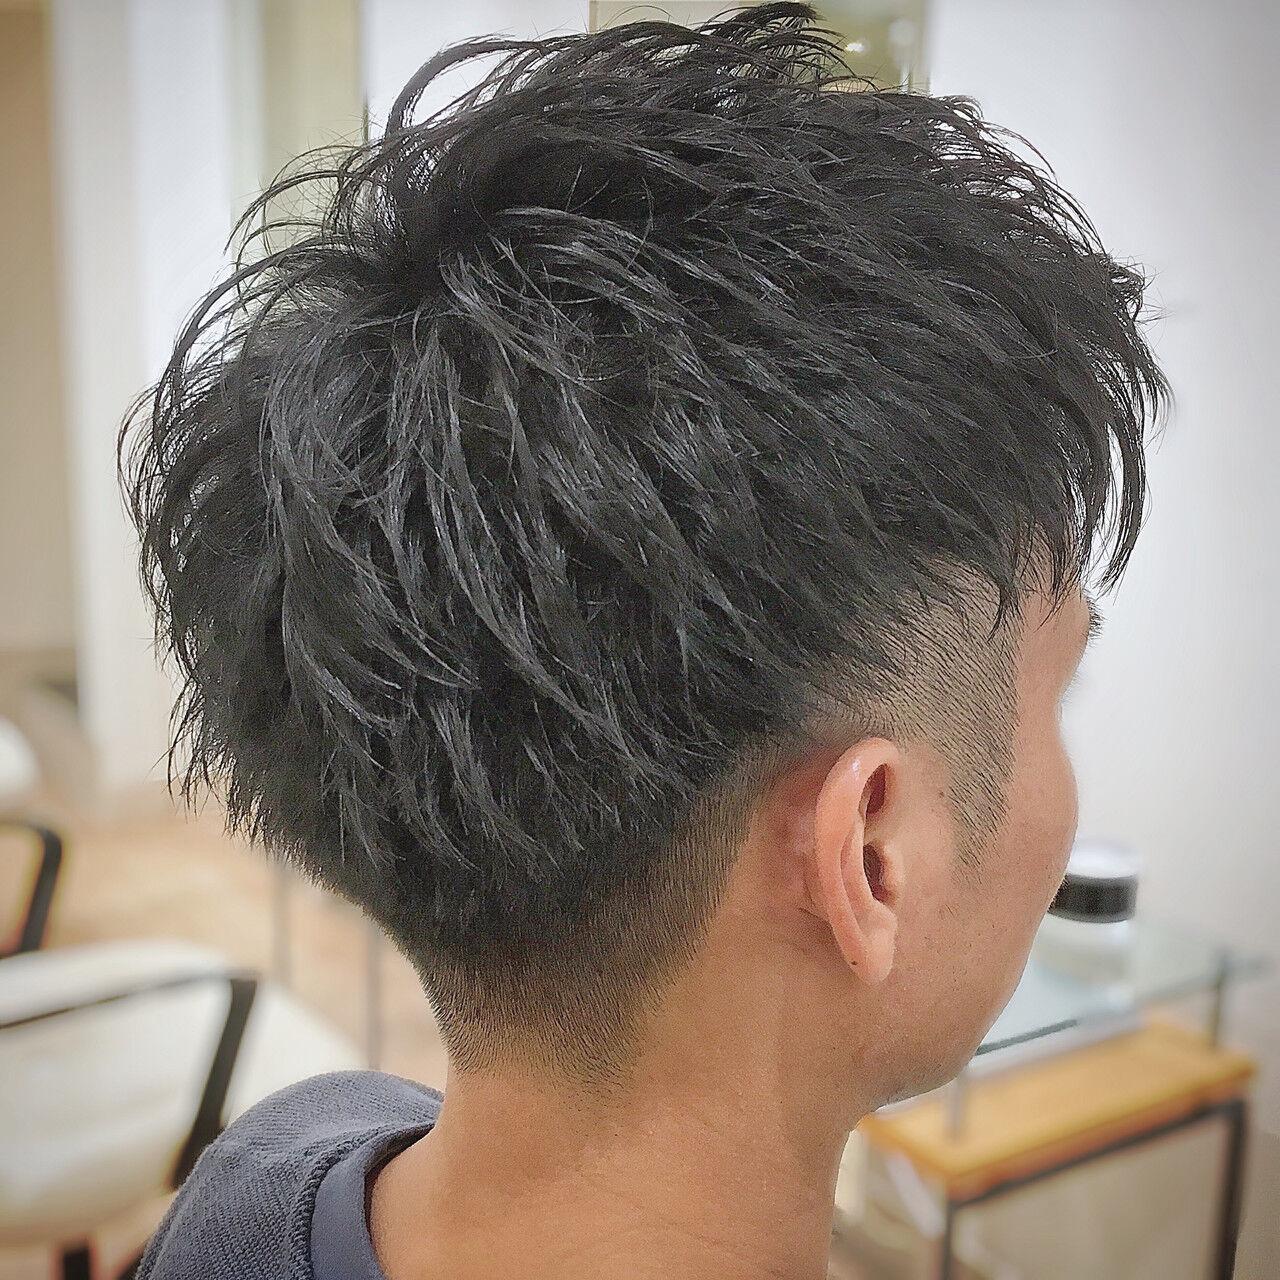 刈り上げ フェードカット ストリート メンズヘアスタイルや髪型の写真・画像